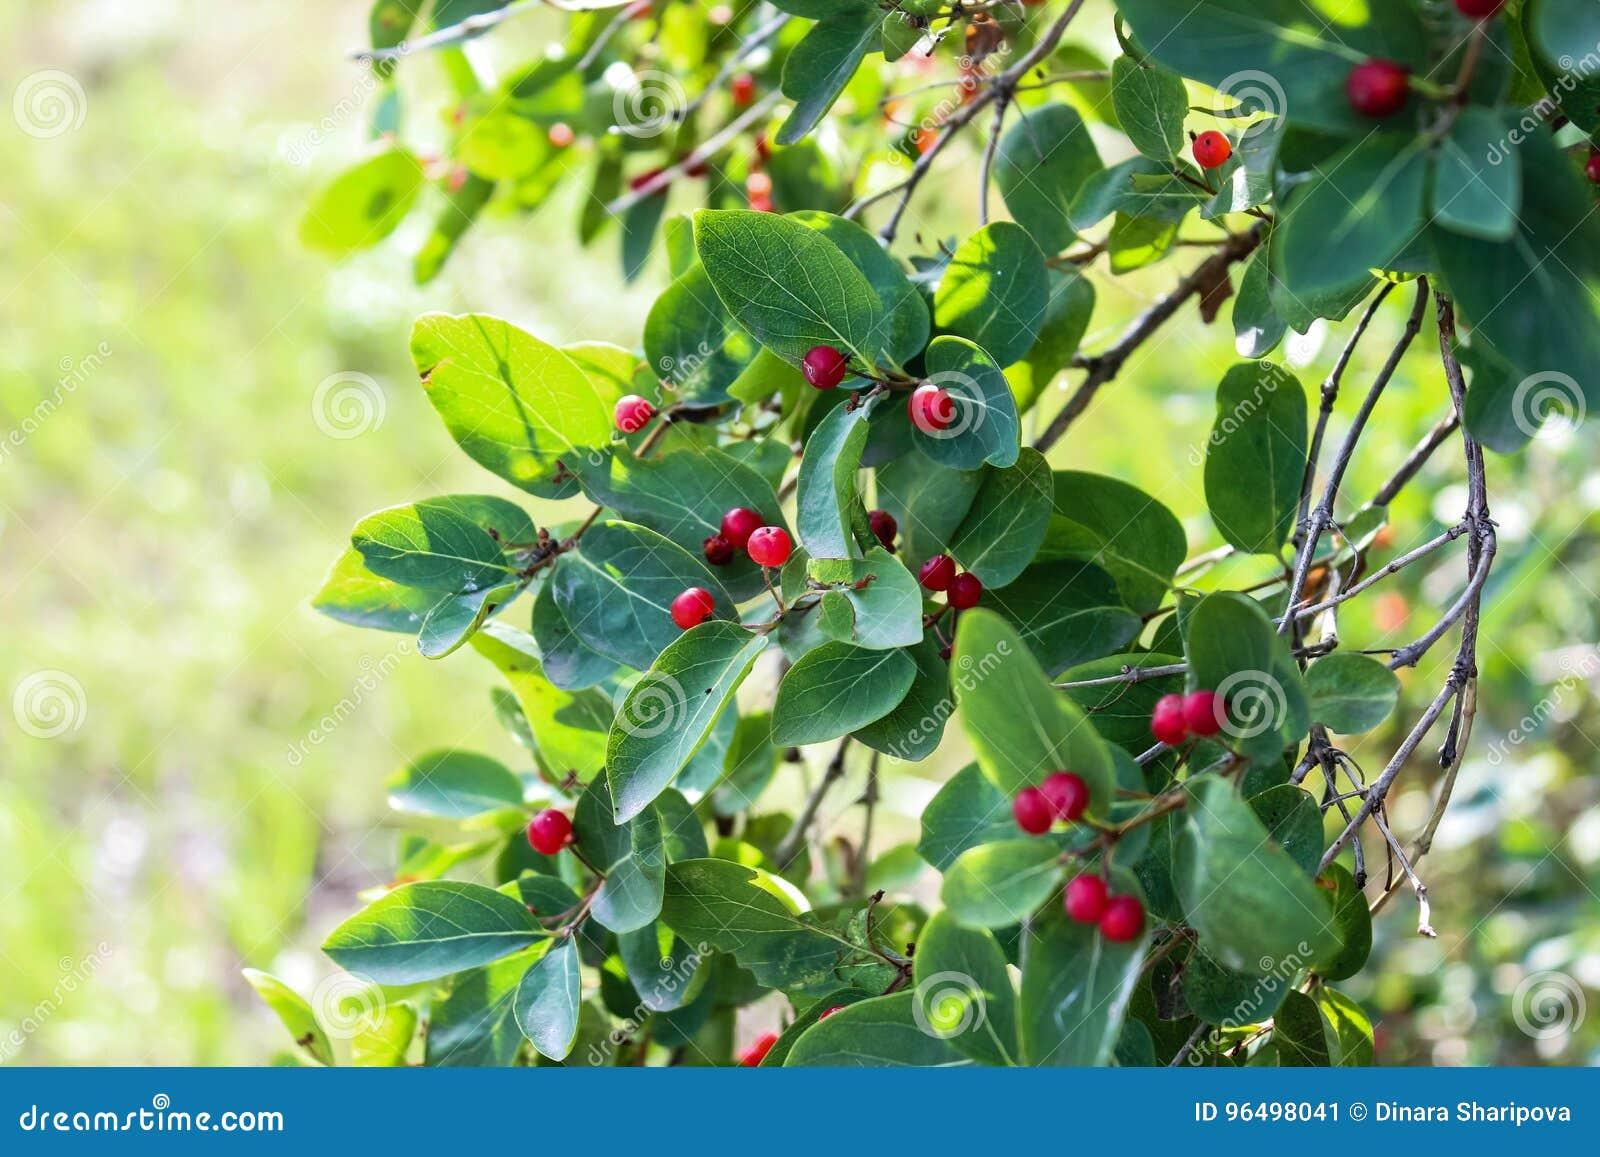 Albero Con Bacche Rosse ramo di un albero con le piccole bacche rosse immagine stock